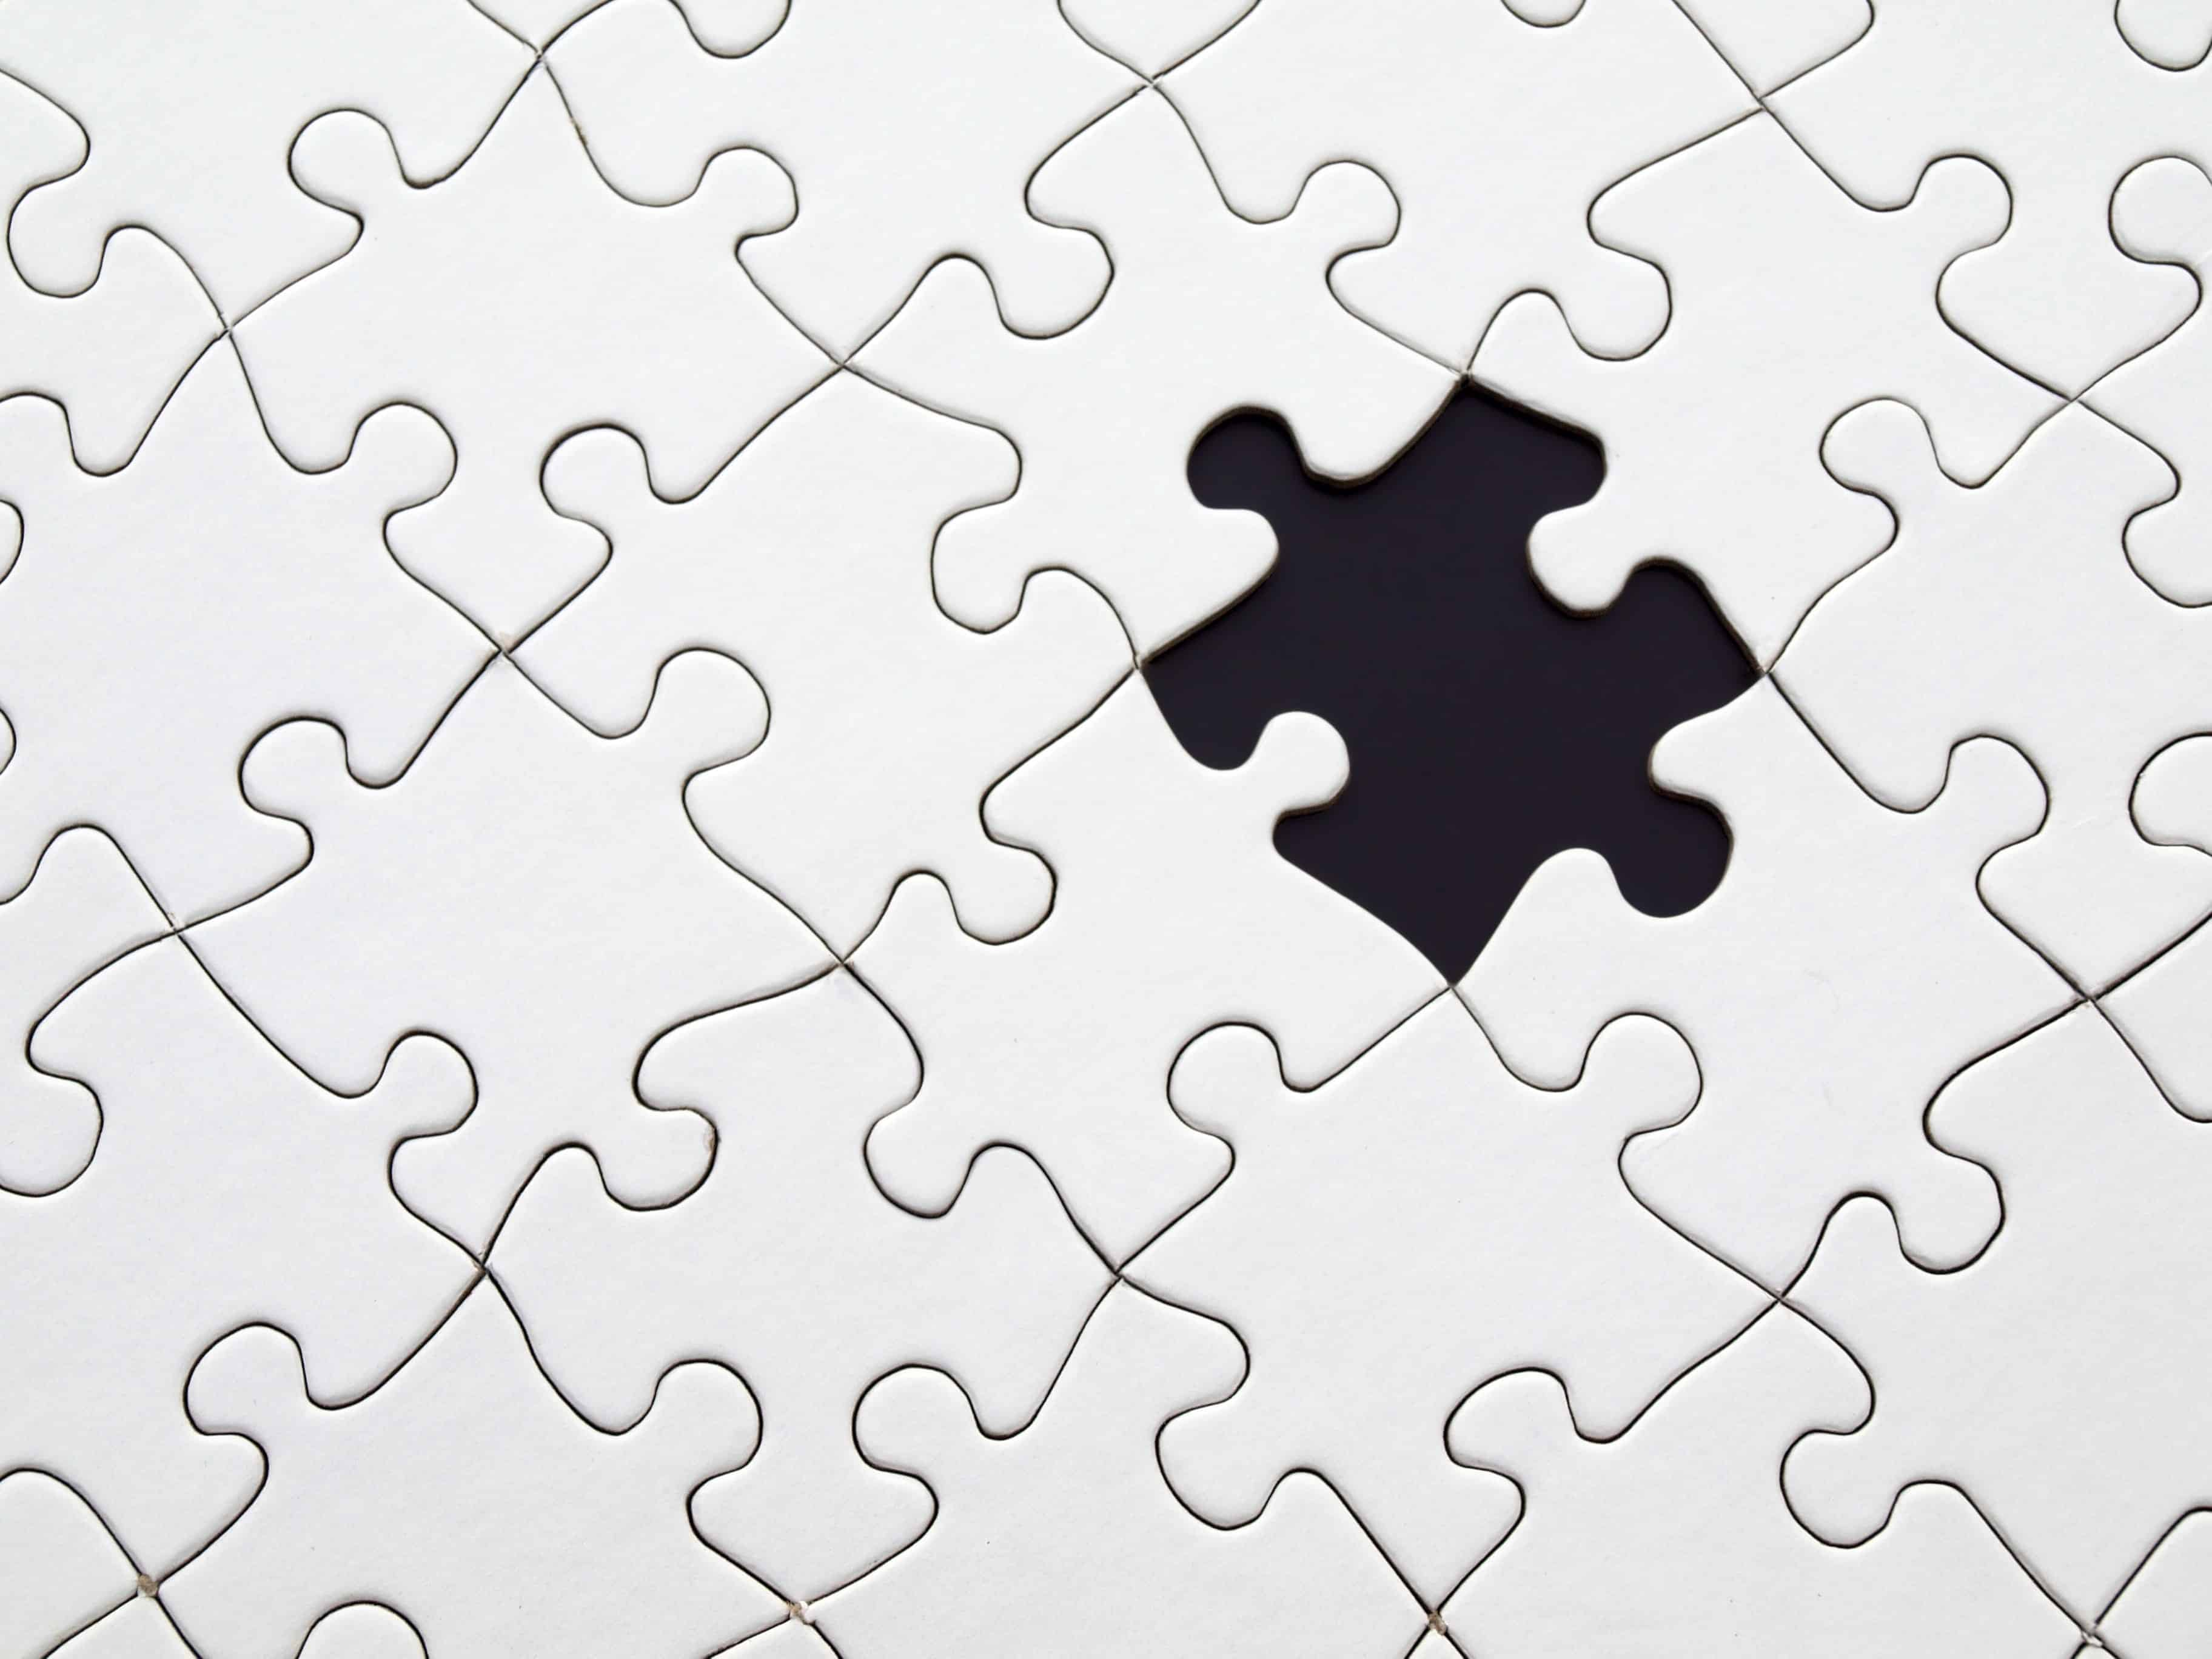 weißes Puzzle mit schwarzen Puzzle-Teil